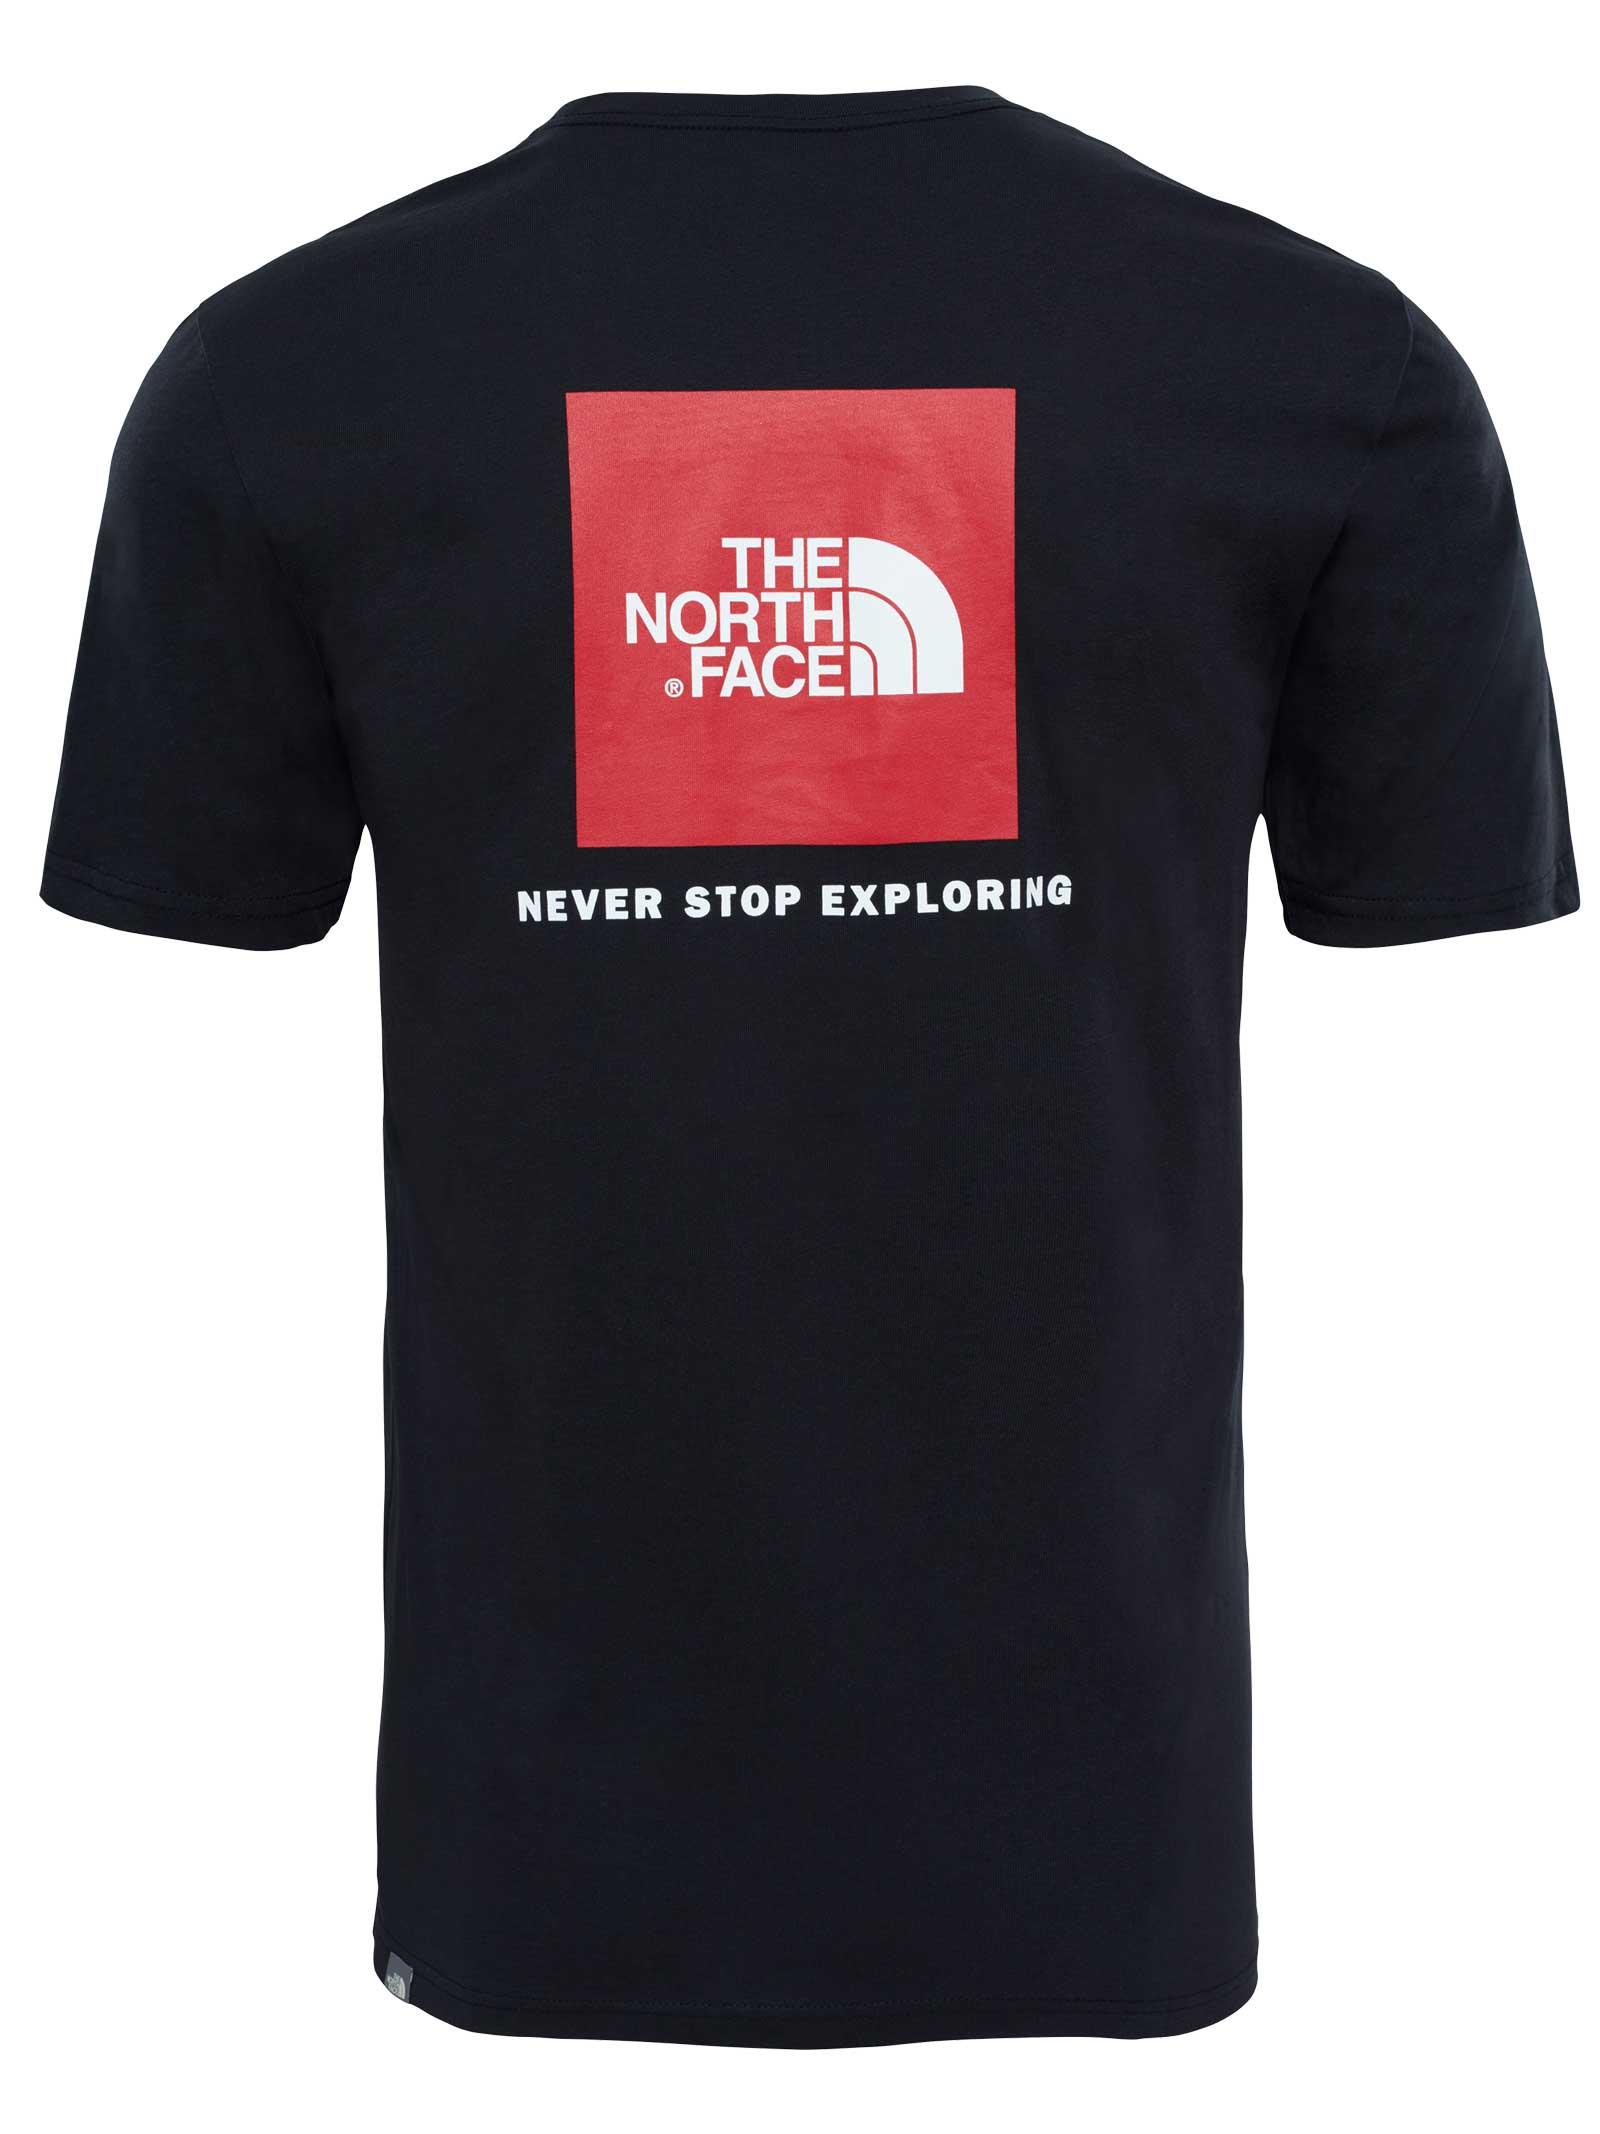 T-SHIRT THE NORTH FACE THE NORTH FACE | T-shirt | NF0A2TX2JK31